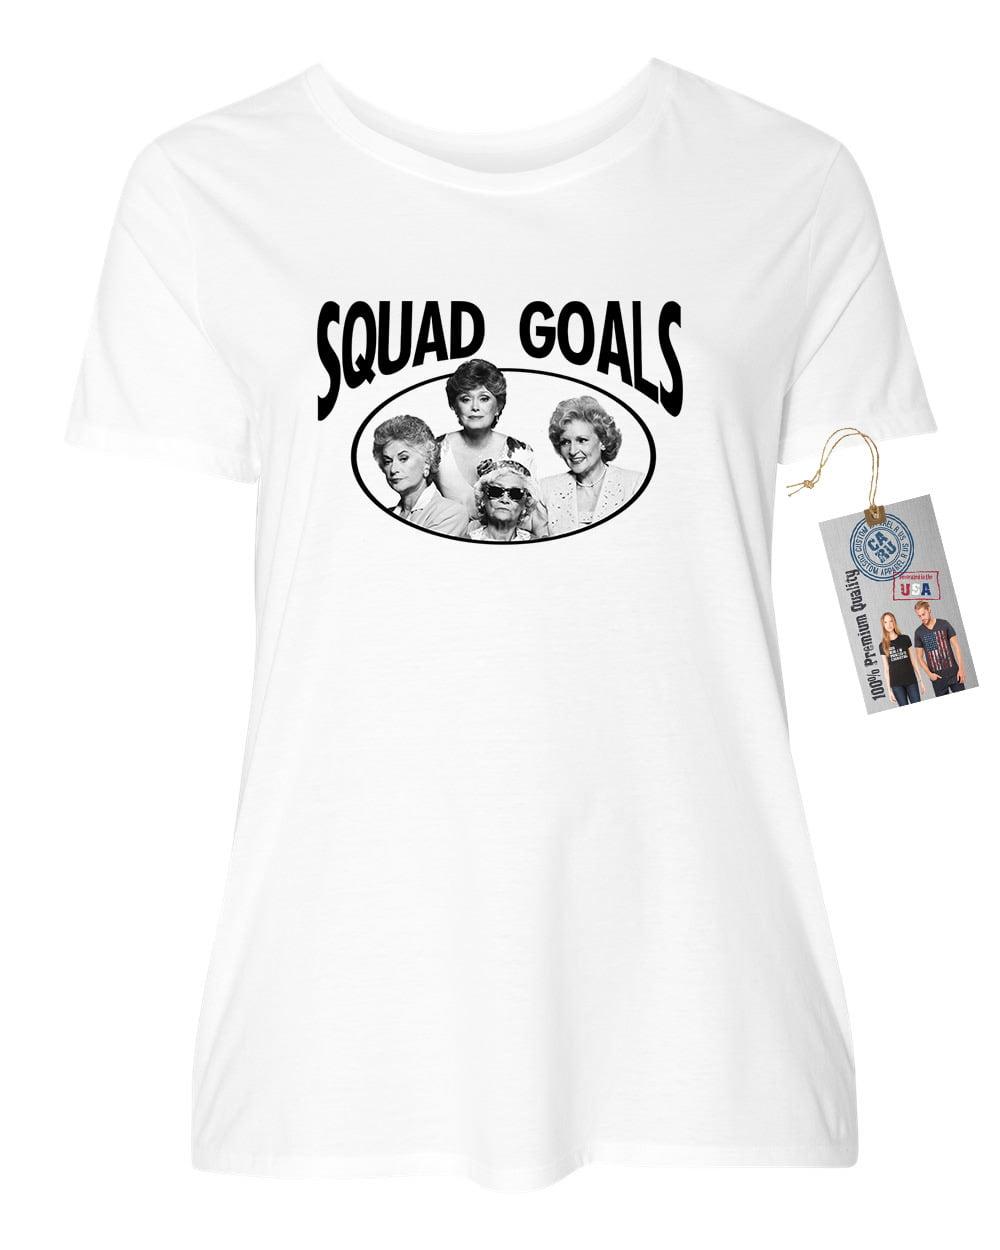 Golden Girls TV Show Squad Goals Plus Size Womens Short Sleeve Shirt